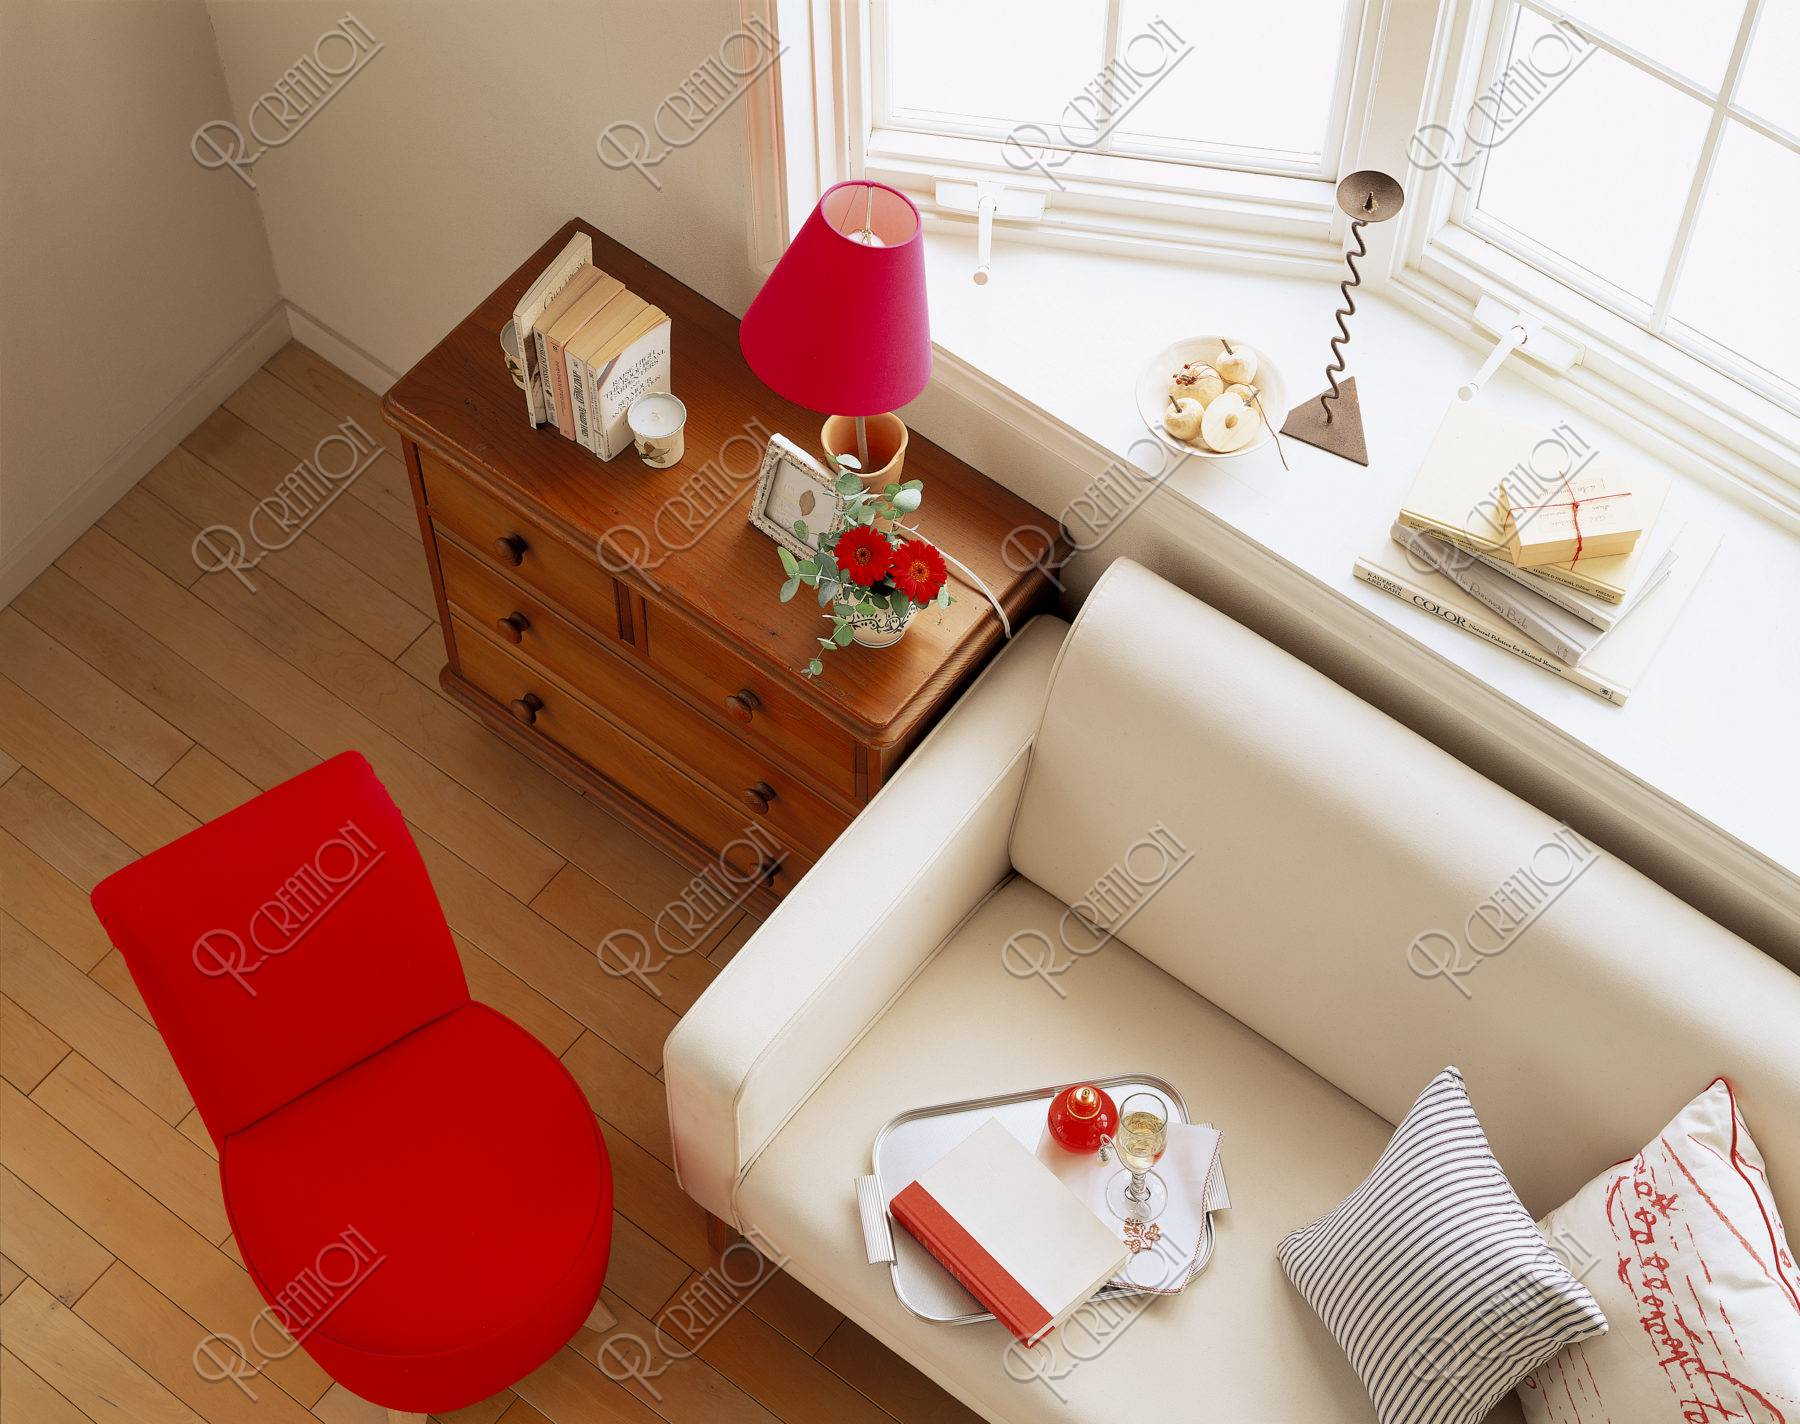 窓辺のソファと赤い椅子